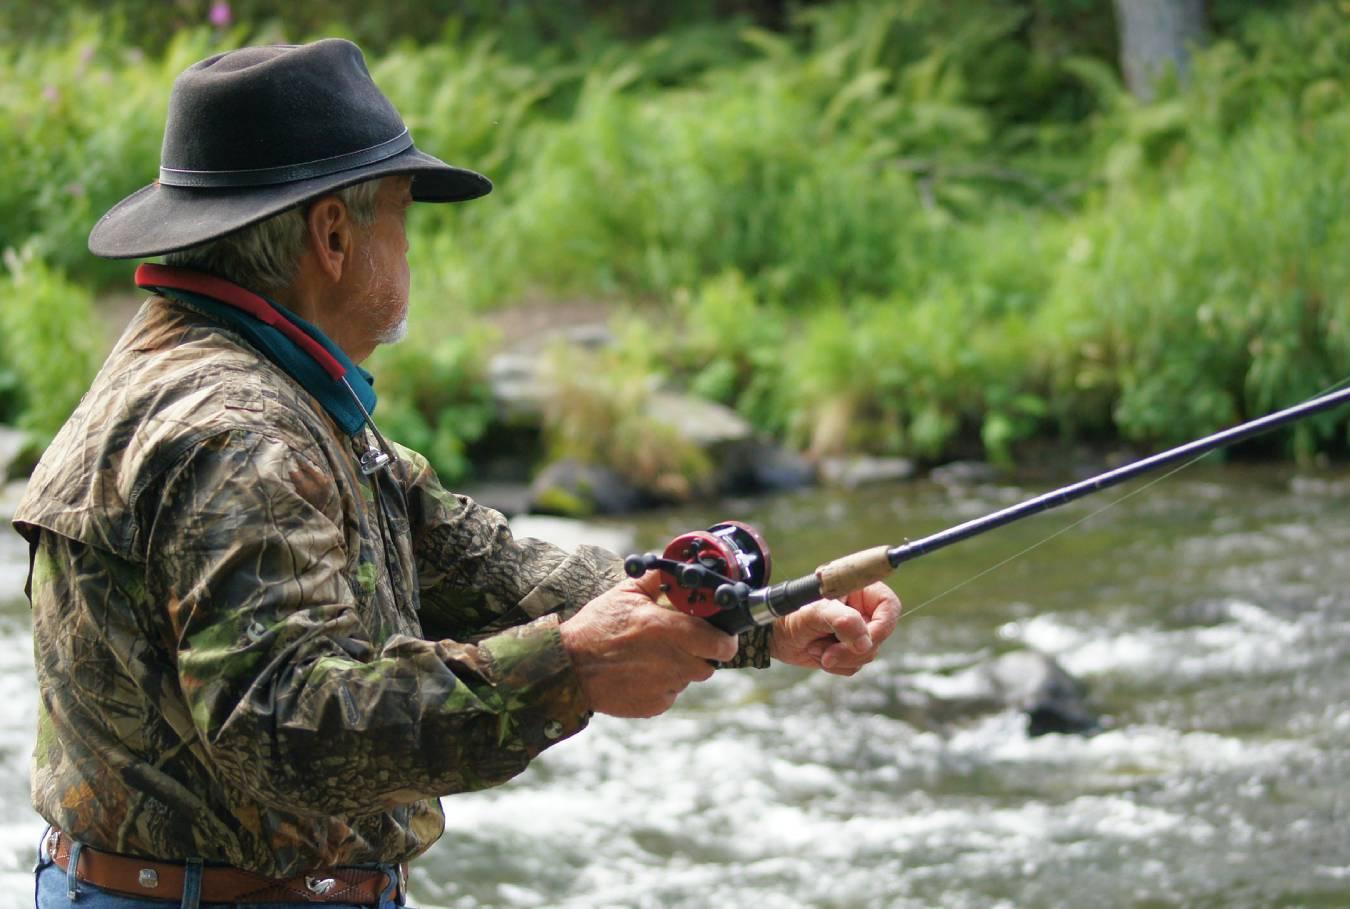 Maniaci dei Viaggi - Pesca sportiva